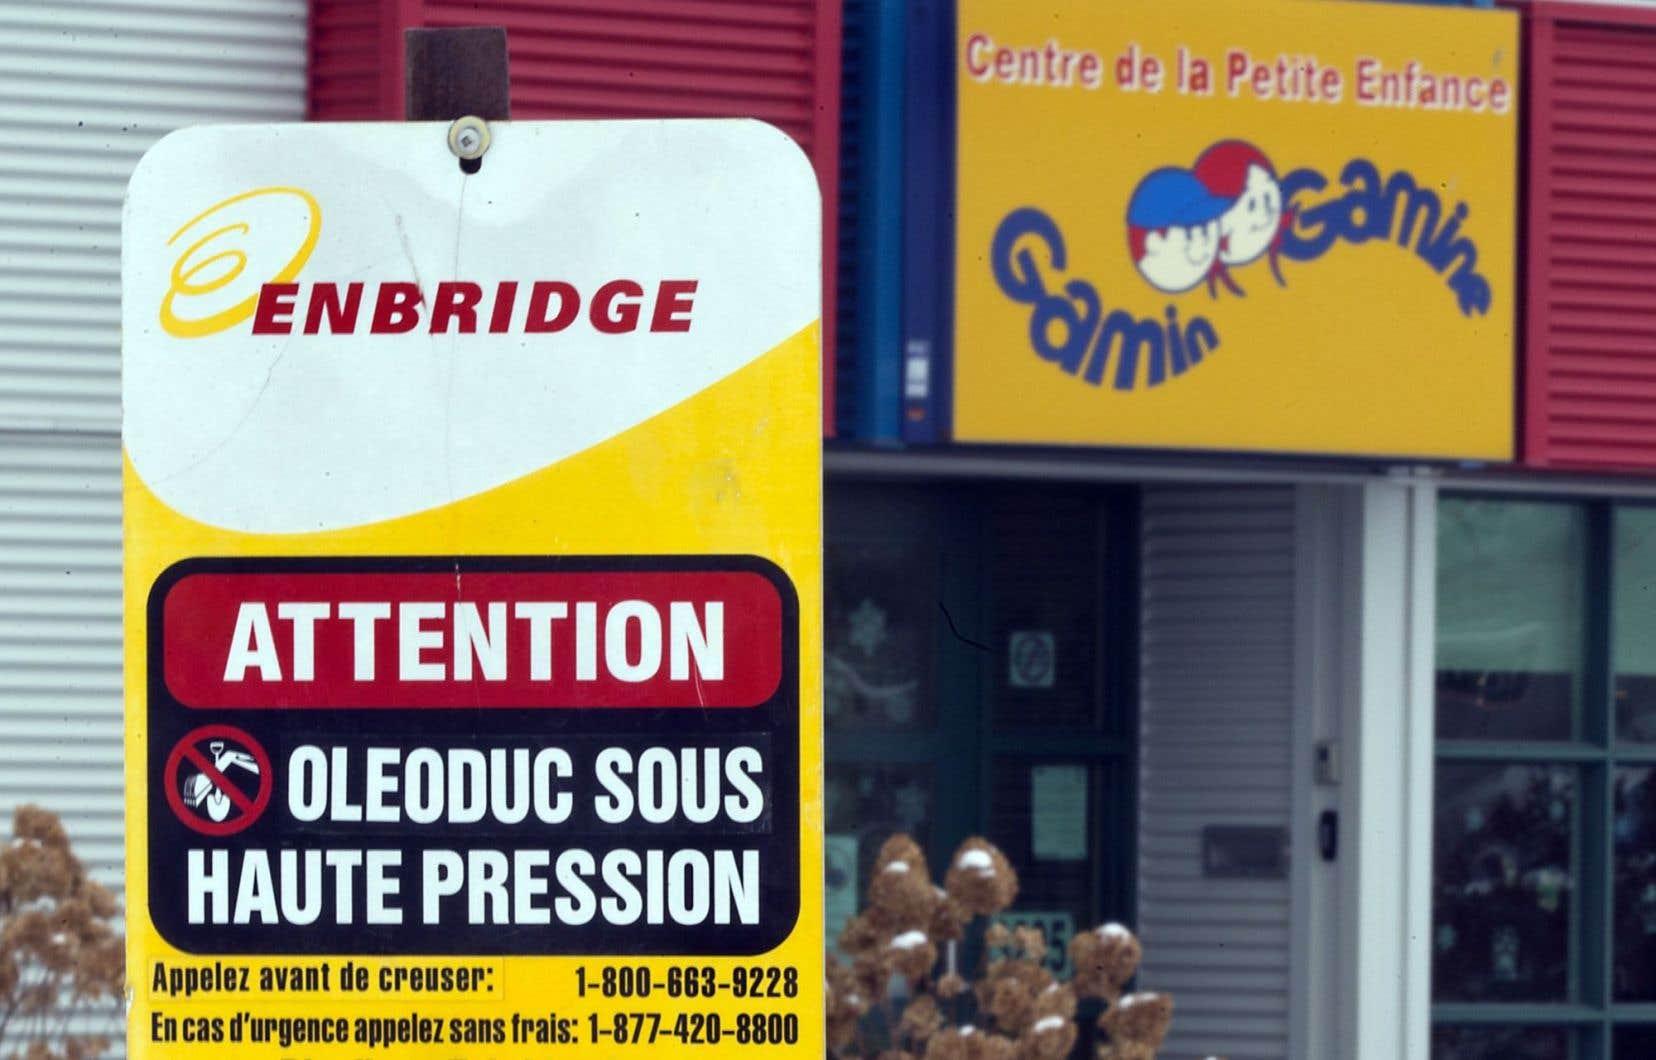 La directrice générale du CPE Gamin Gamine souligne qu'Enbridge n'a jamais pris contact avec l'établissement, qui abrite une clientèle vulnérable âgée de 0 à 5 ans, au cours du processus devant mener à l'inversion du flux dans le pipeline.